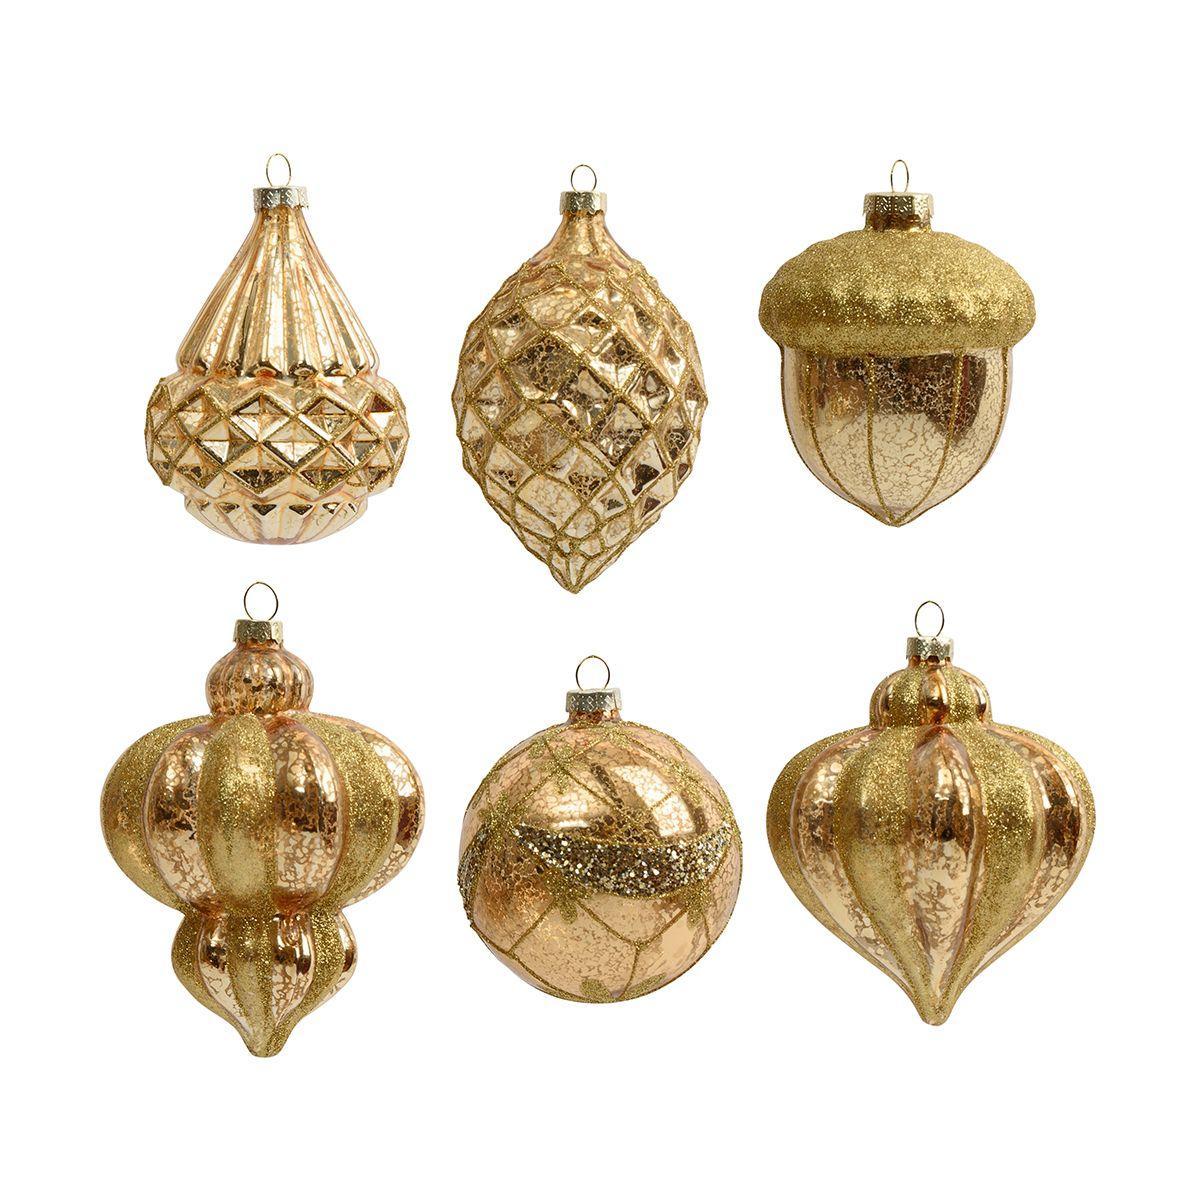 Набор из 6-ти фигурных ёлочных игрушек золотистого цвета